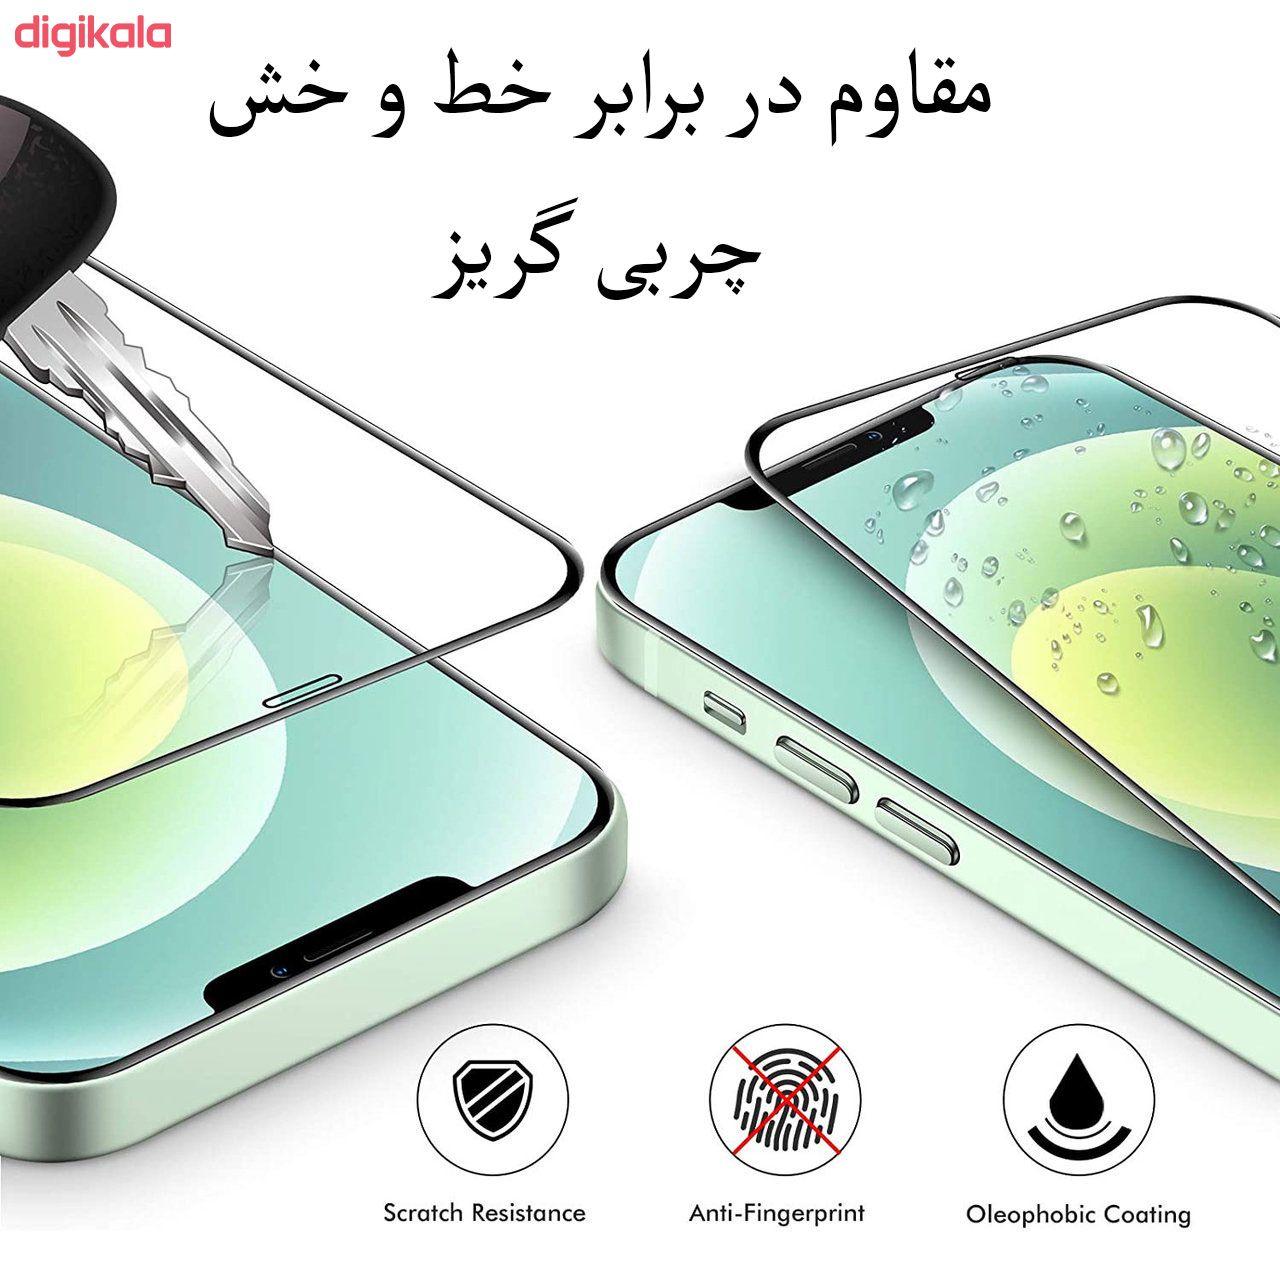 محافظ صفحه نمایش مدل FCG مناسب برای گوشی موبایل اپل iPhone 12 mini بسته دو عددی main 1 14